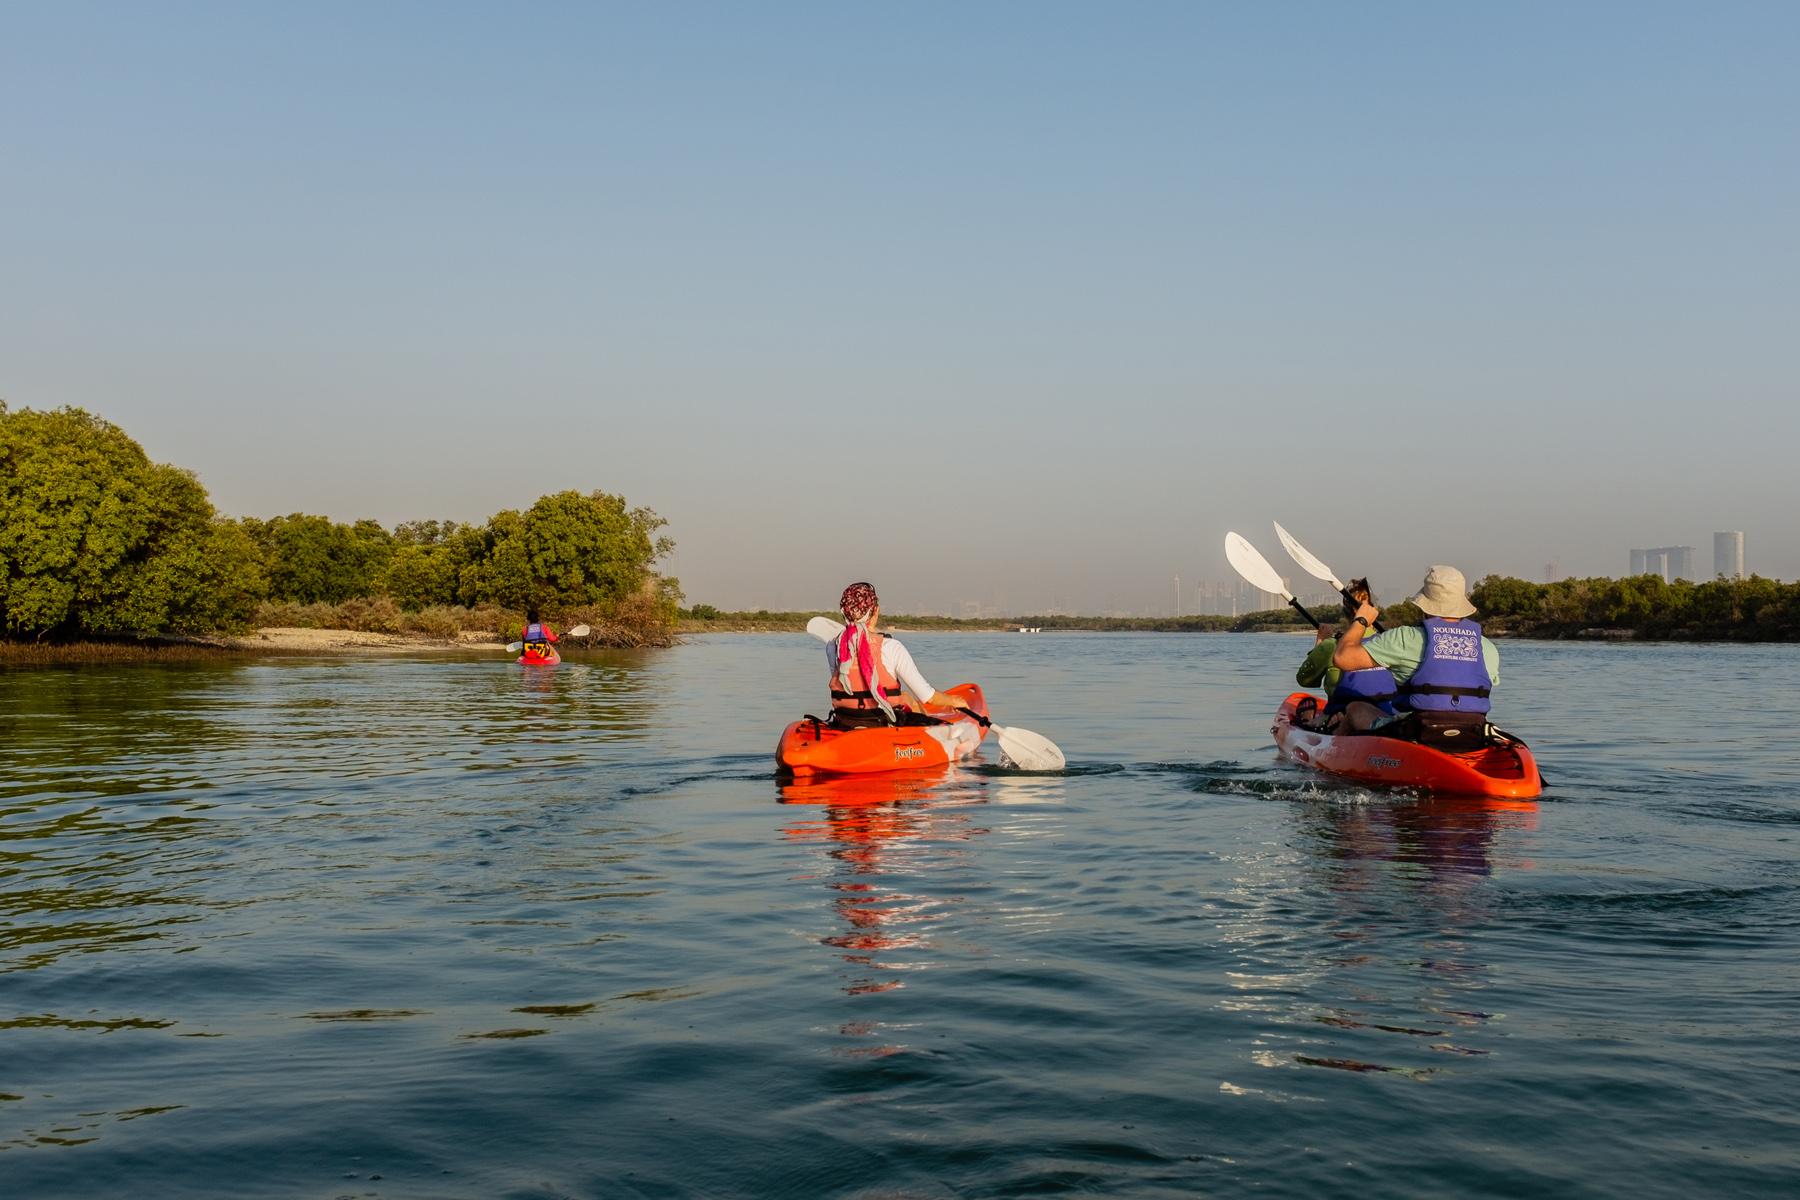 Kayaking through mangroves in Abu Dhabi